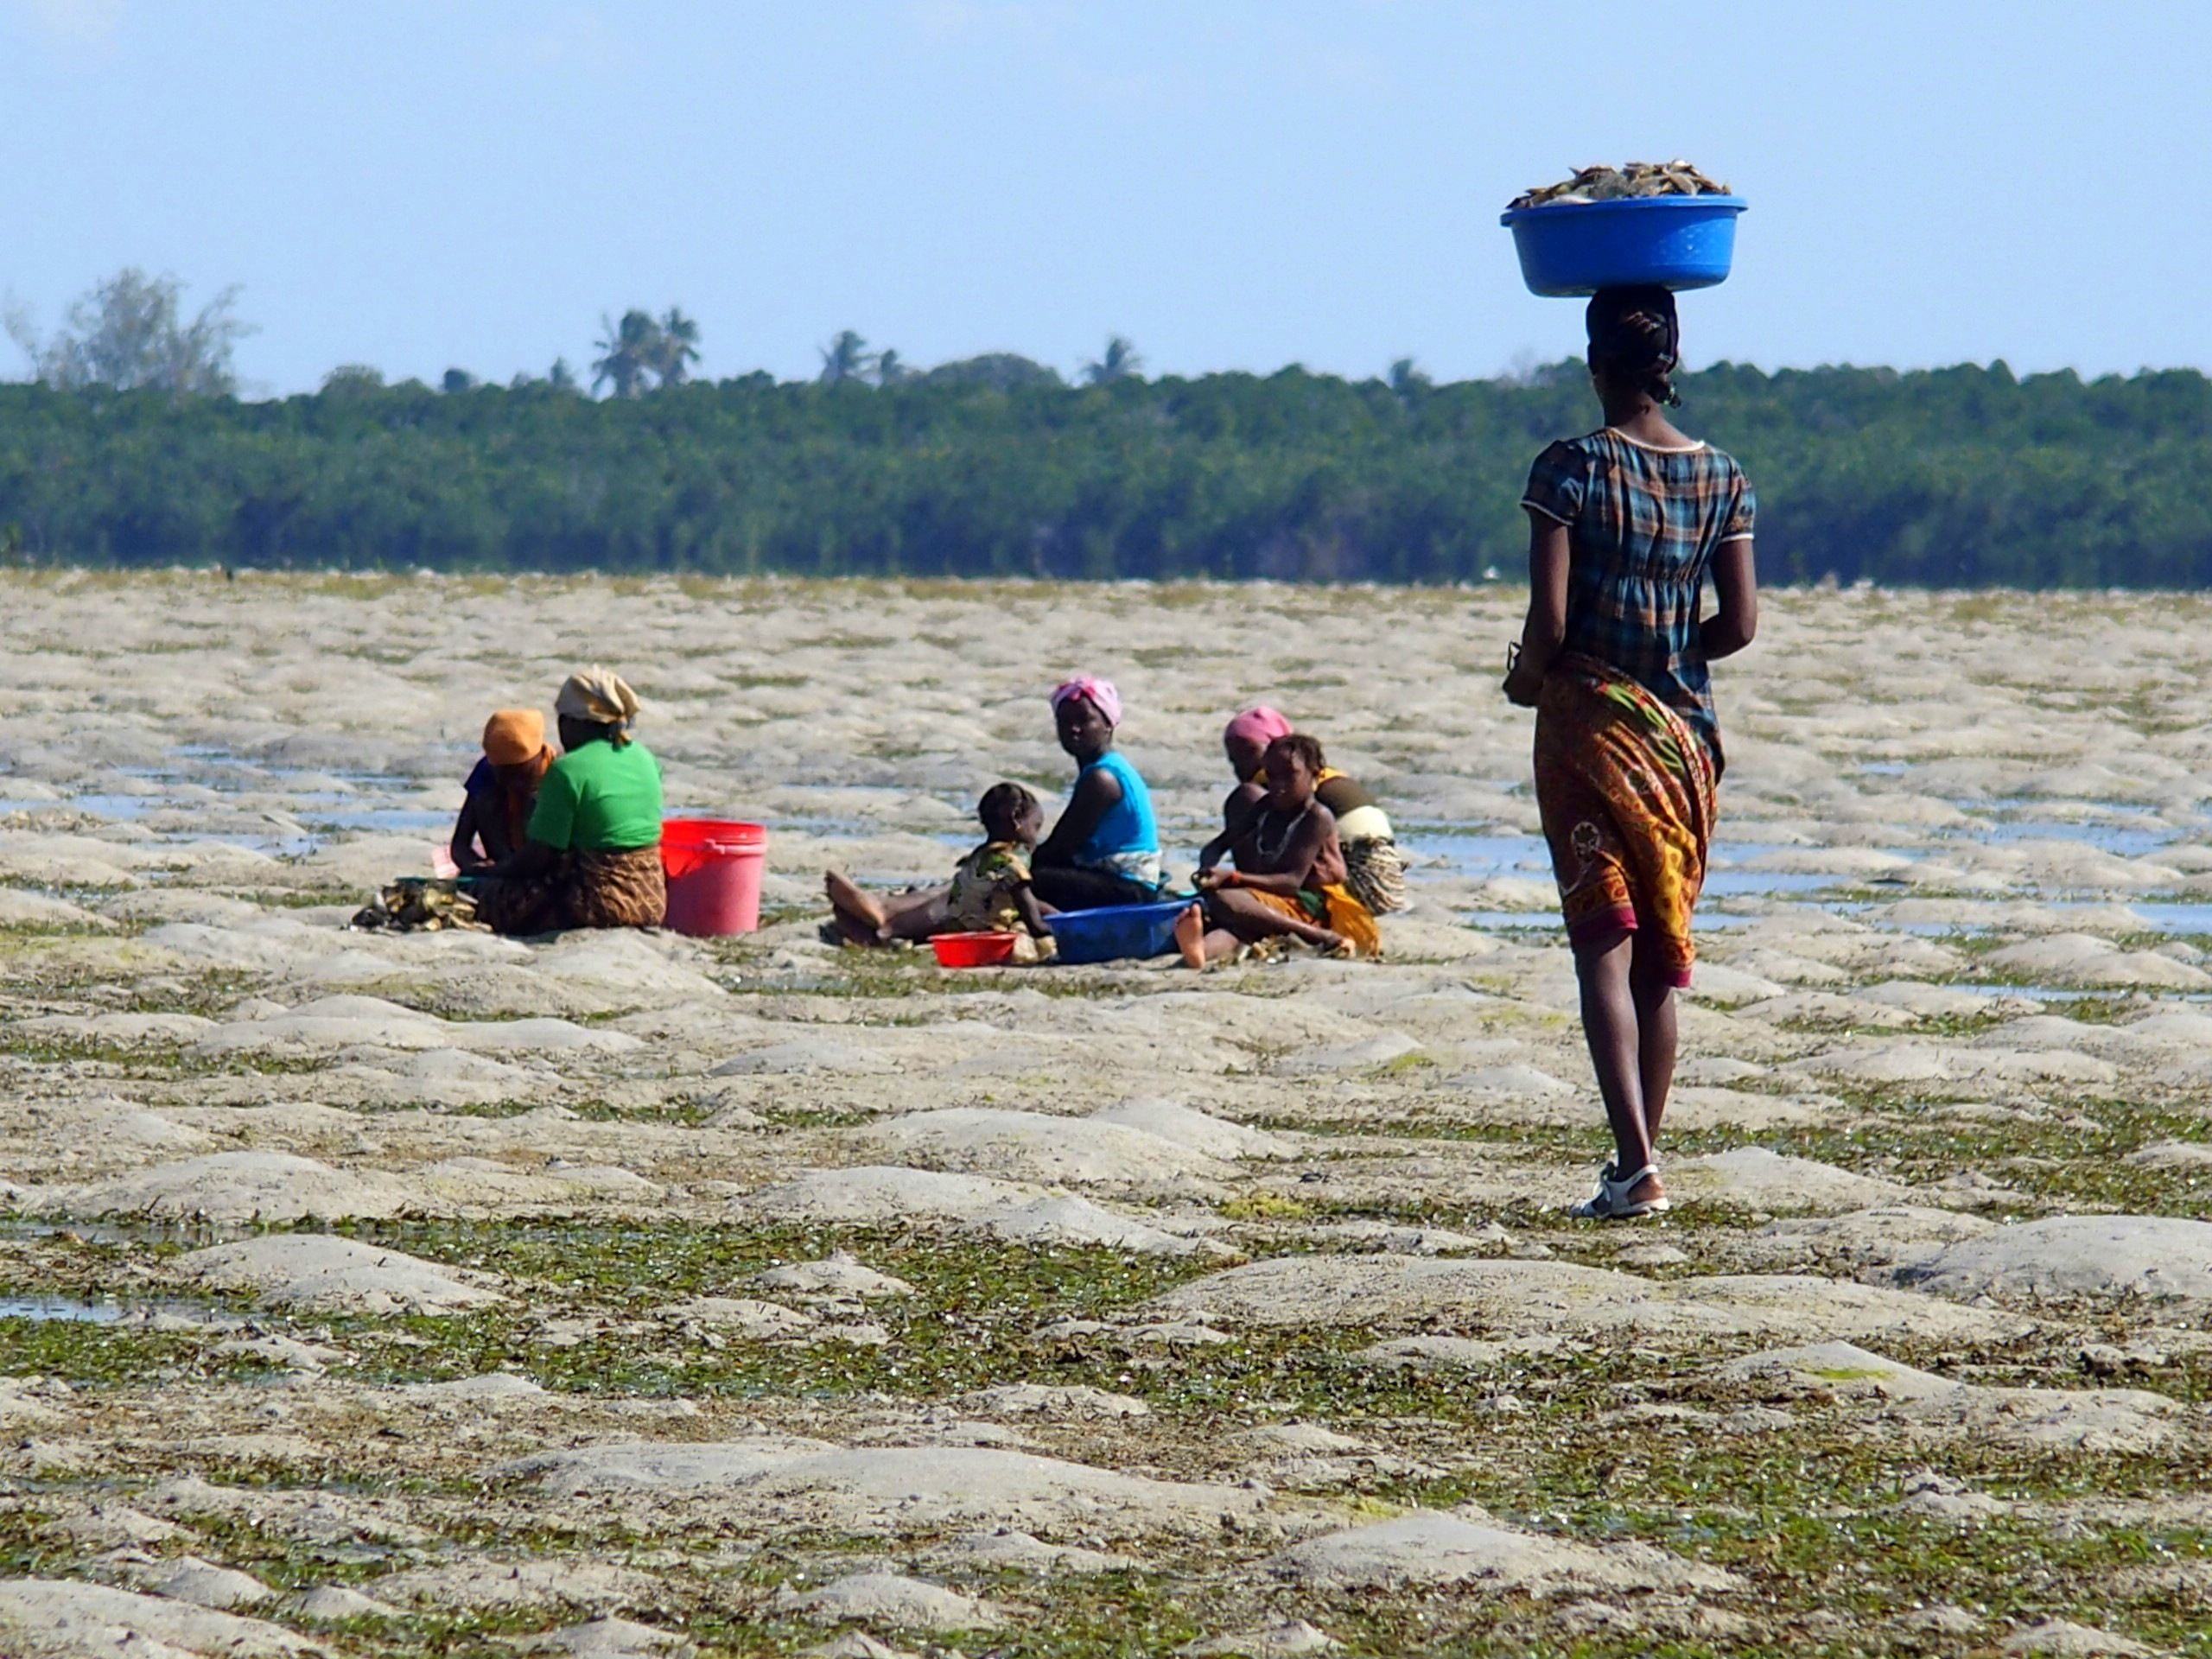 Famille de pêcheurs Mozambique.